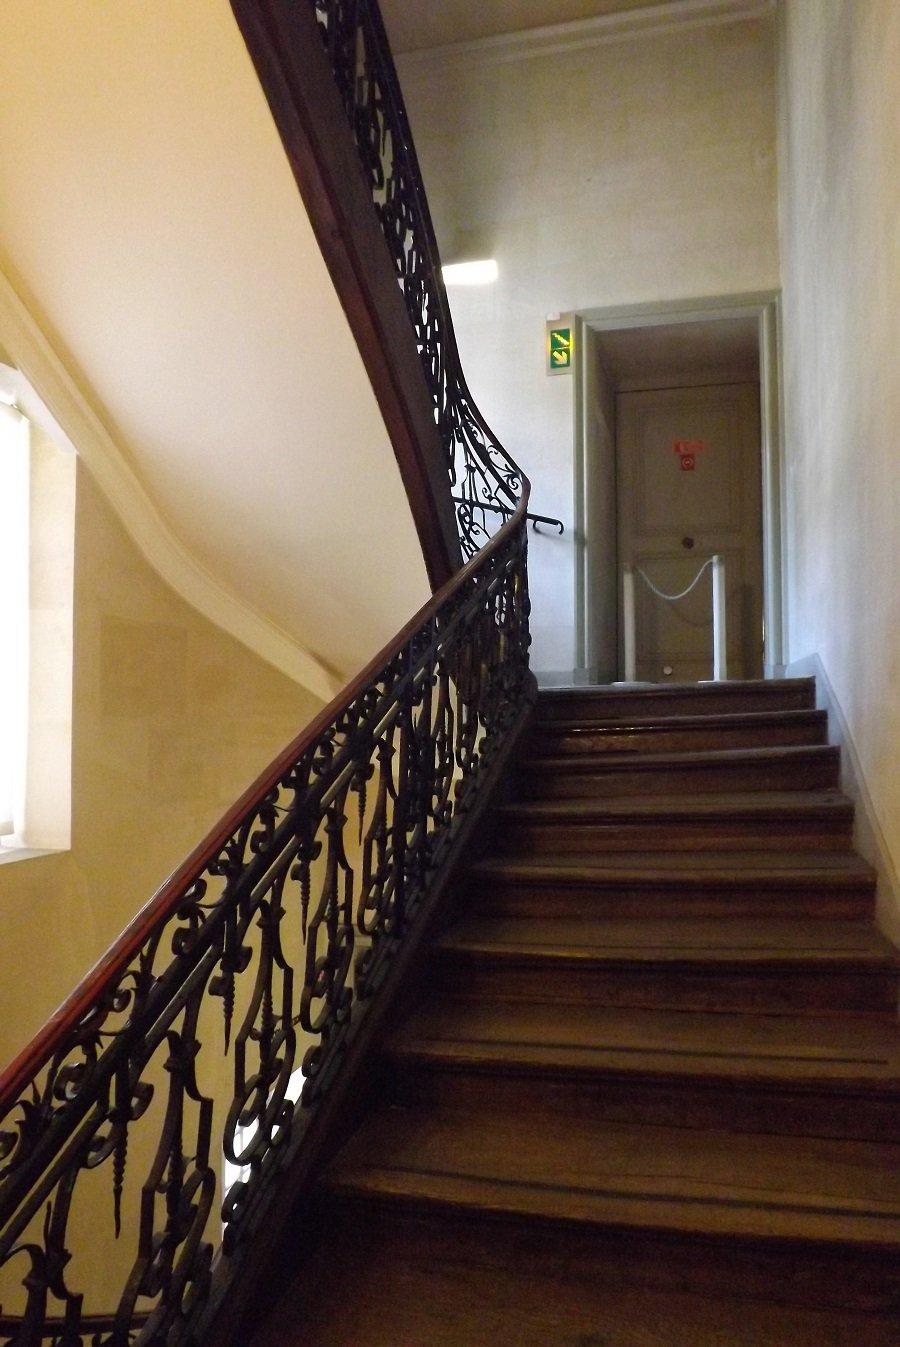 escalier hotel donon 2